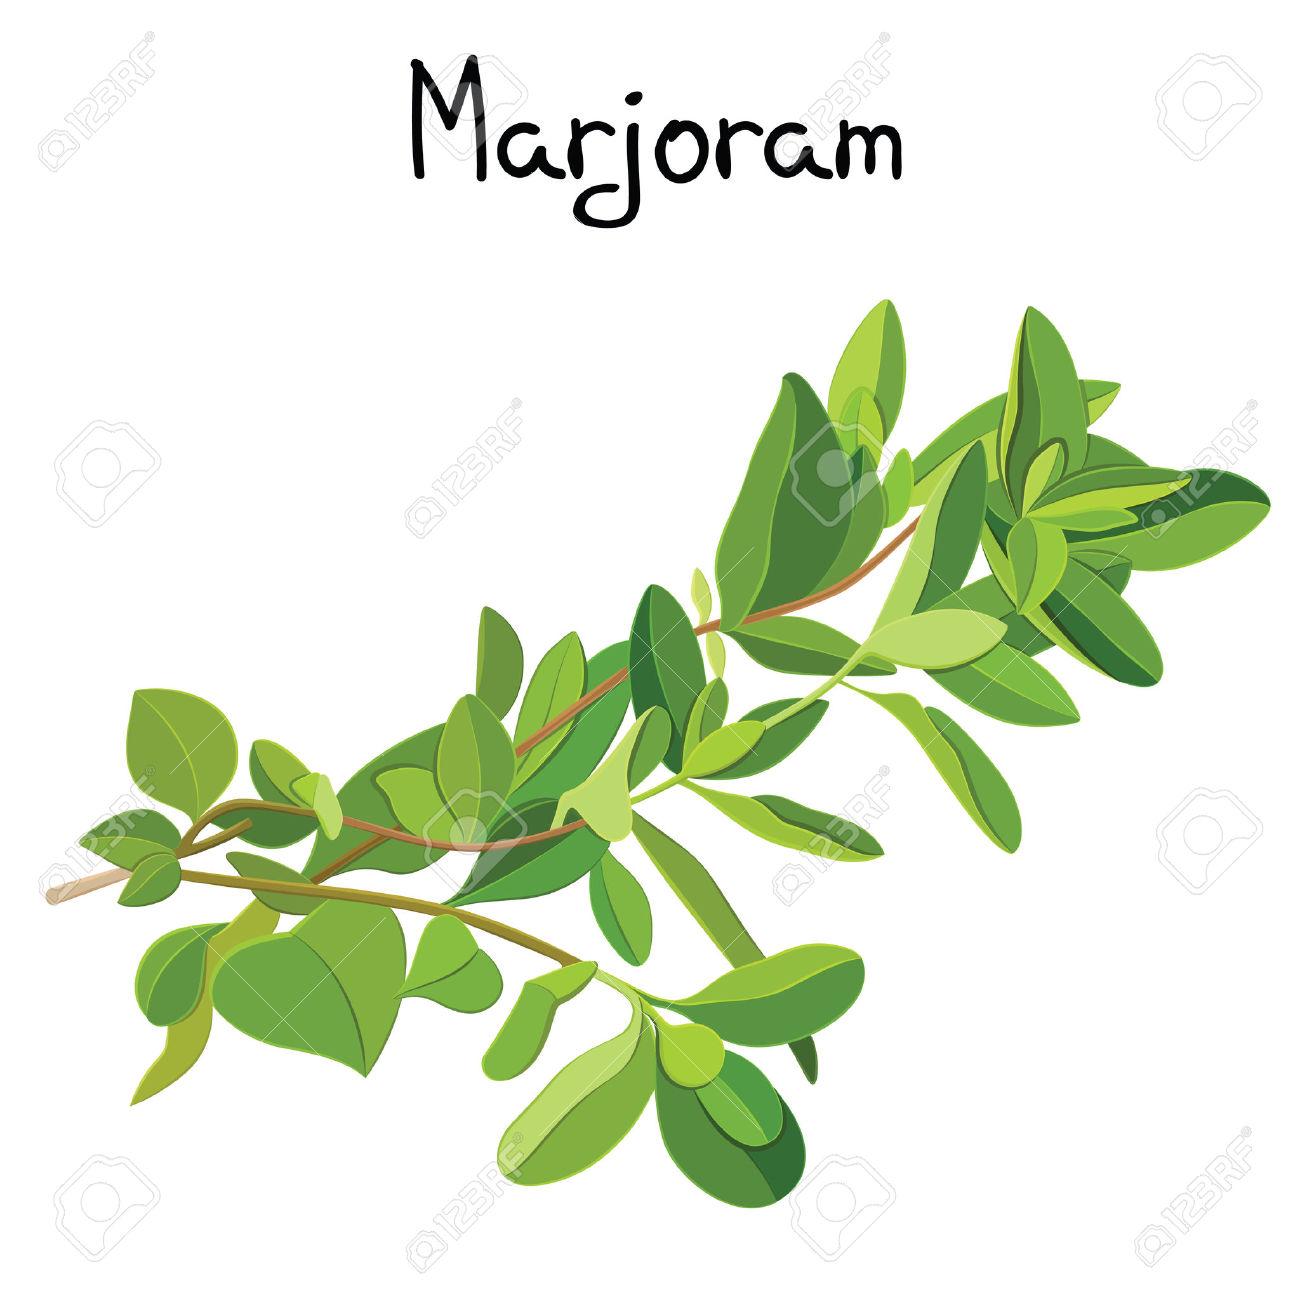 Fresh Marjoram Sprigs. Marjoram Sprigs. Vector Illustration.